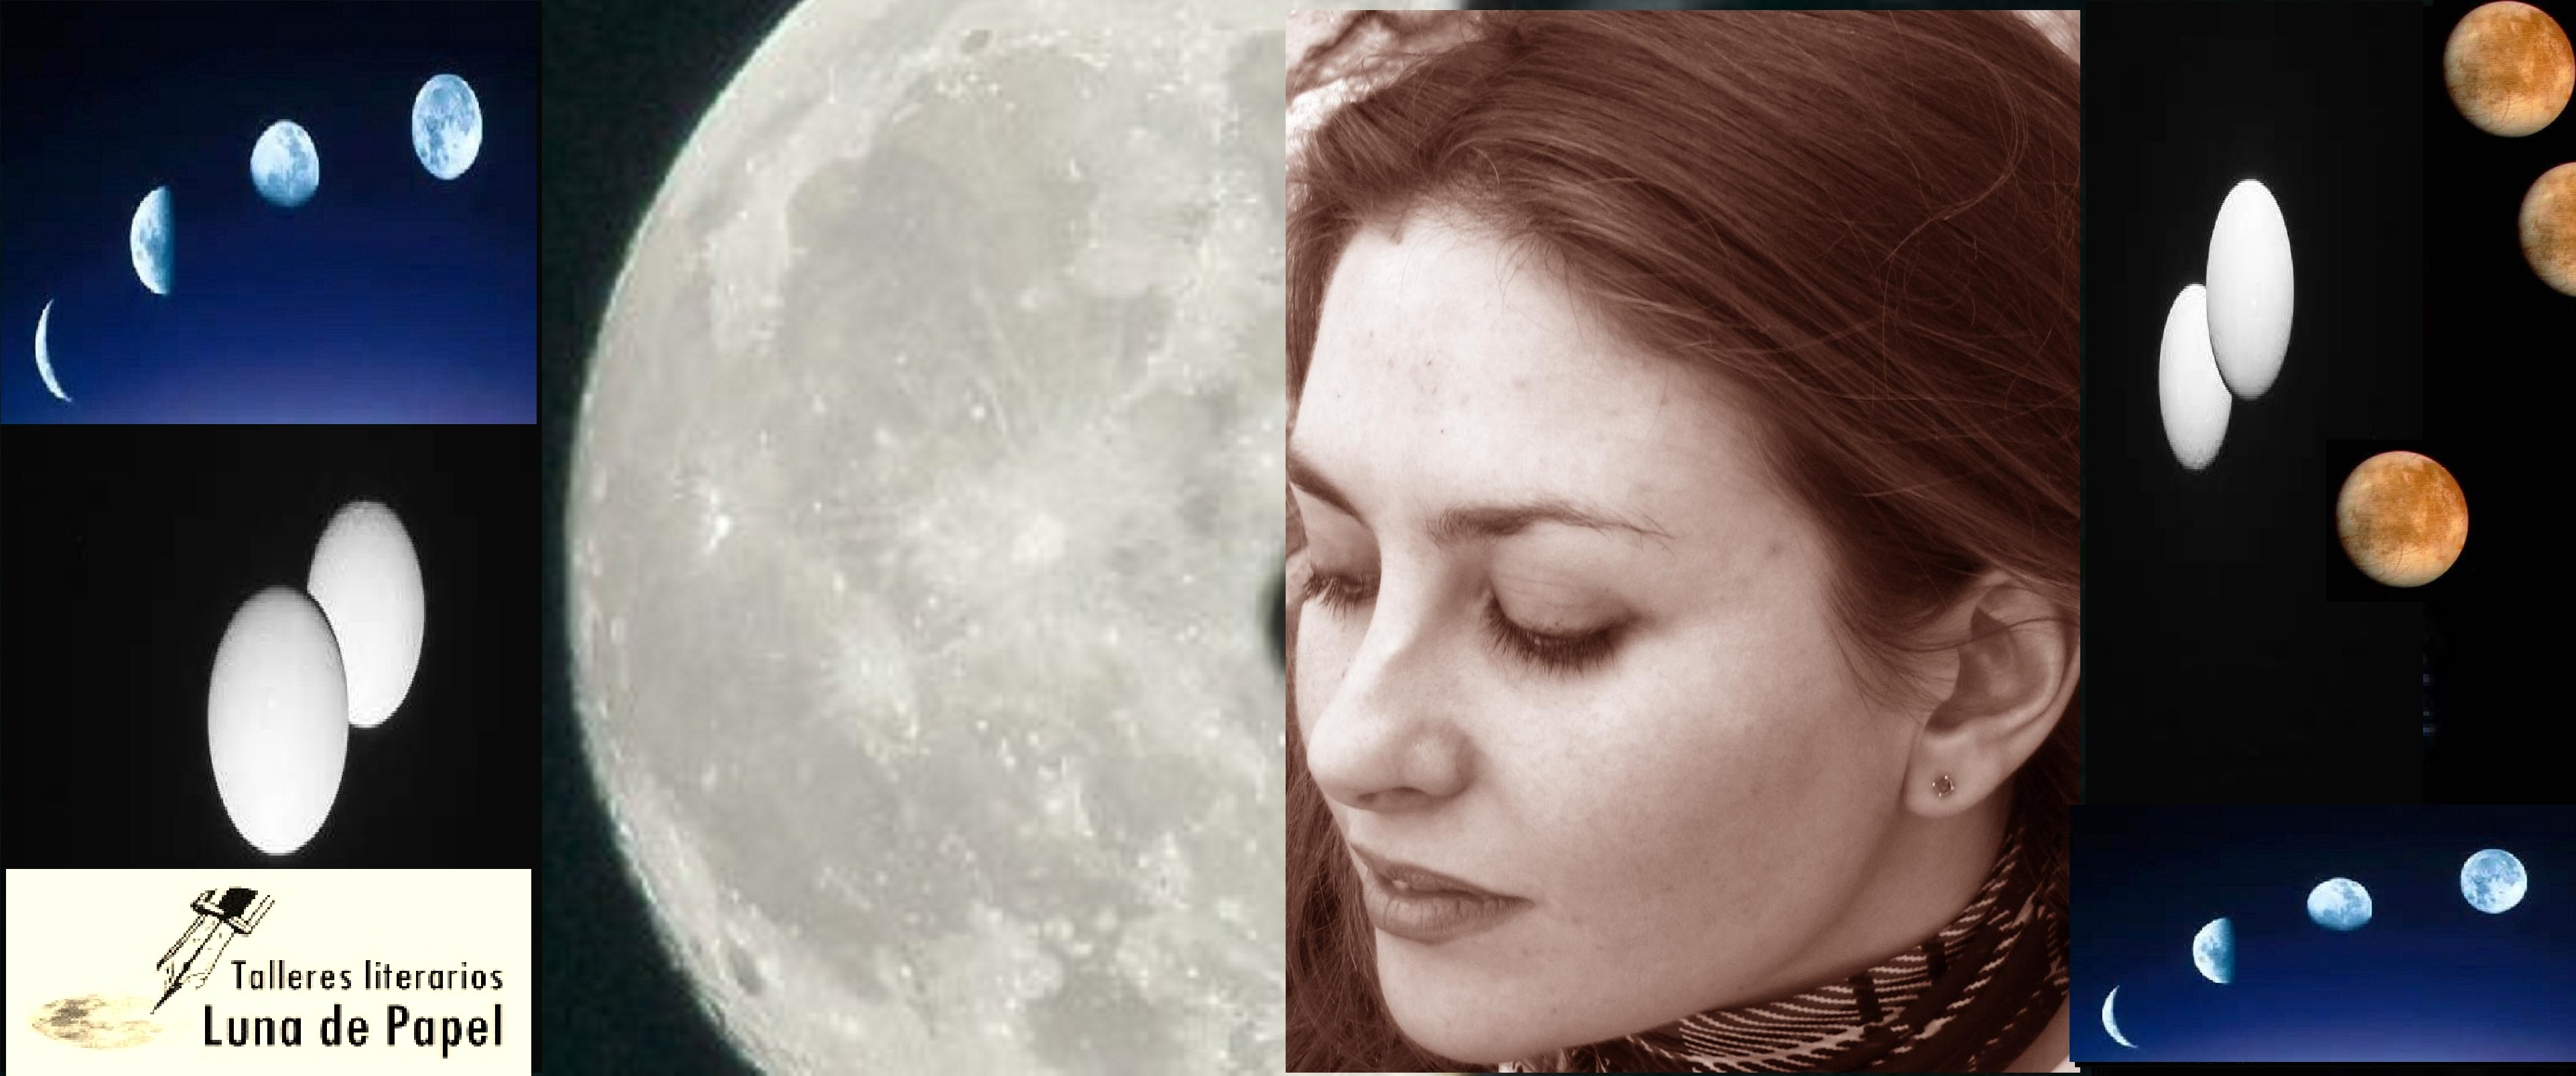 TODAS LAS LUNAS. Tertulias, encuentros y ejercicios literarios a la luna de Valencia